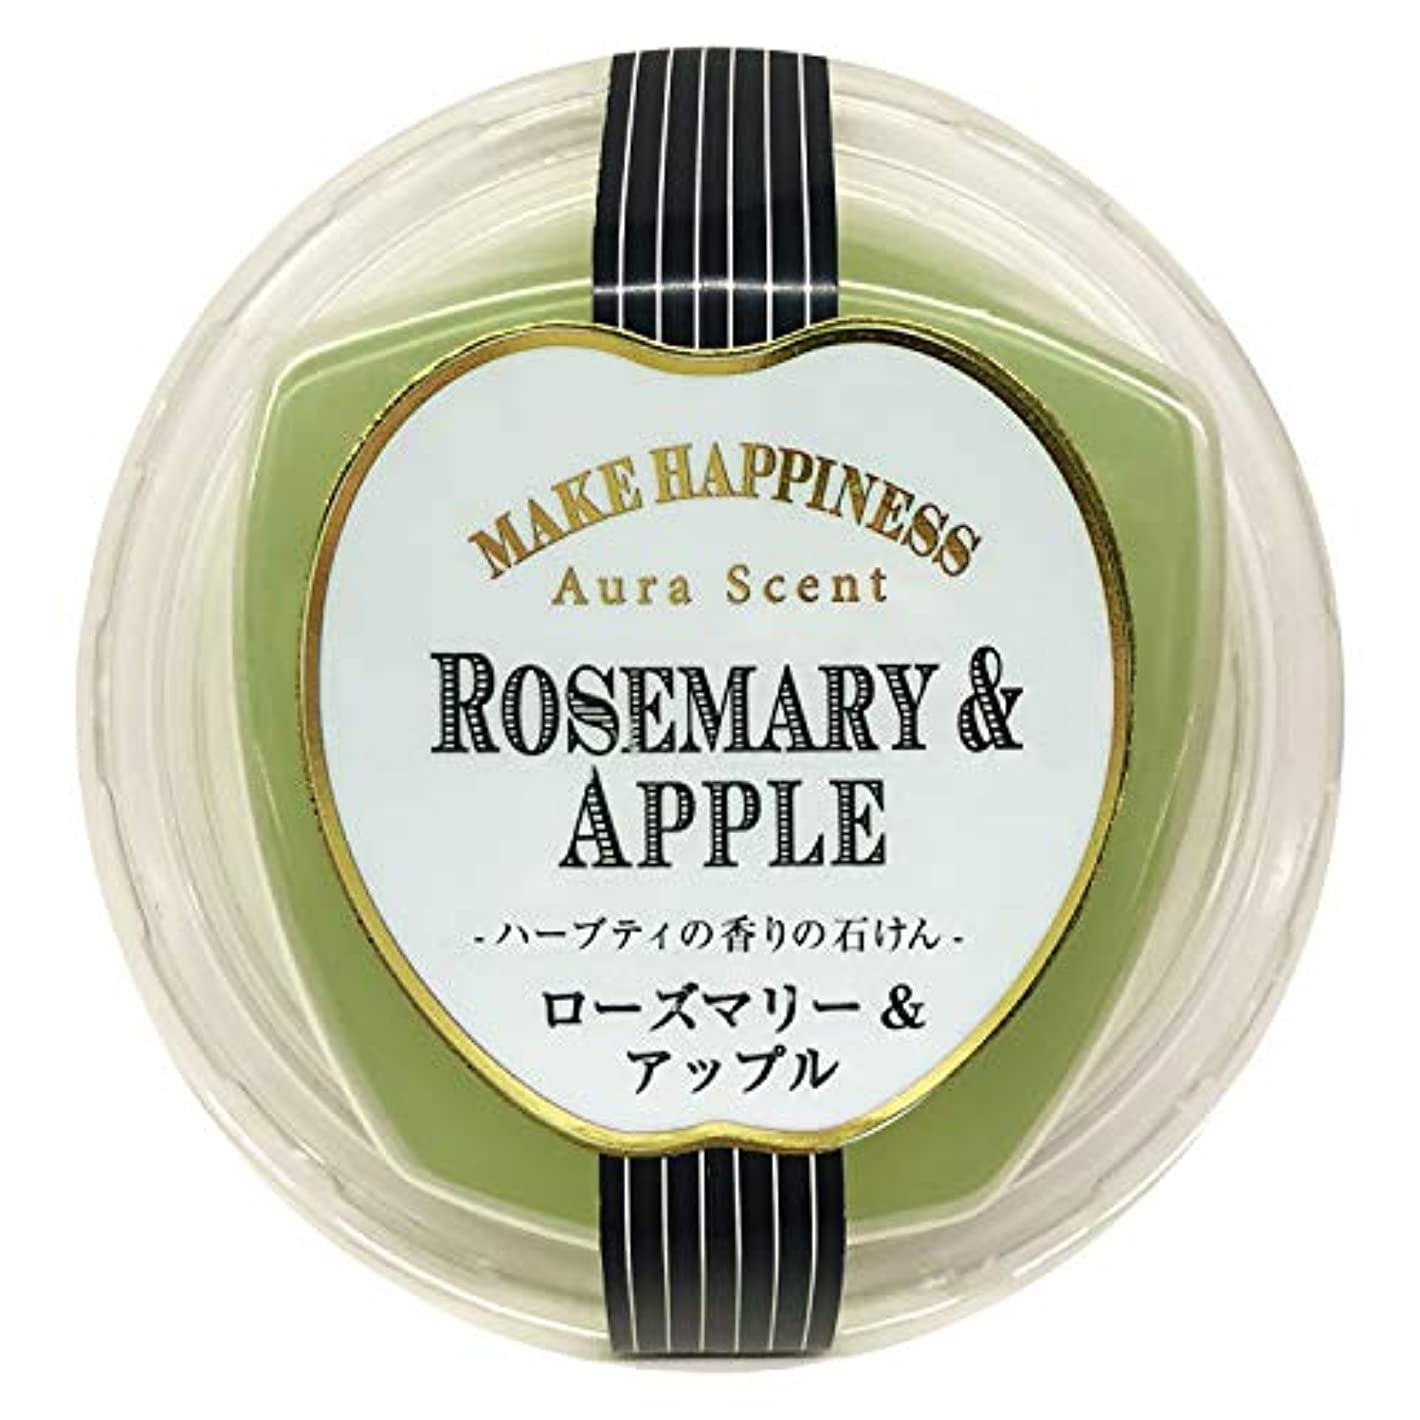 スキッパーチーフ熟考するペリカン石鹸 オーラセント クリアソープローズマリー&アップル 75g